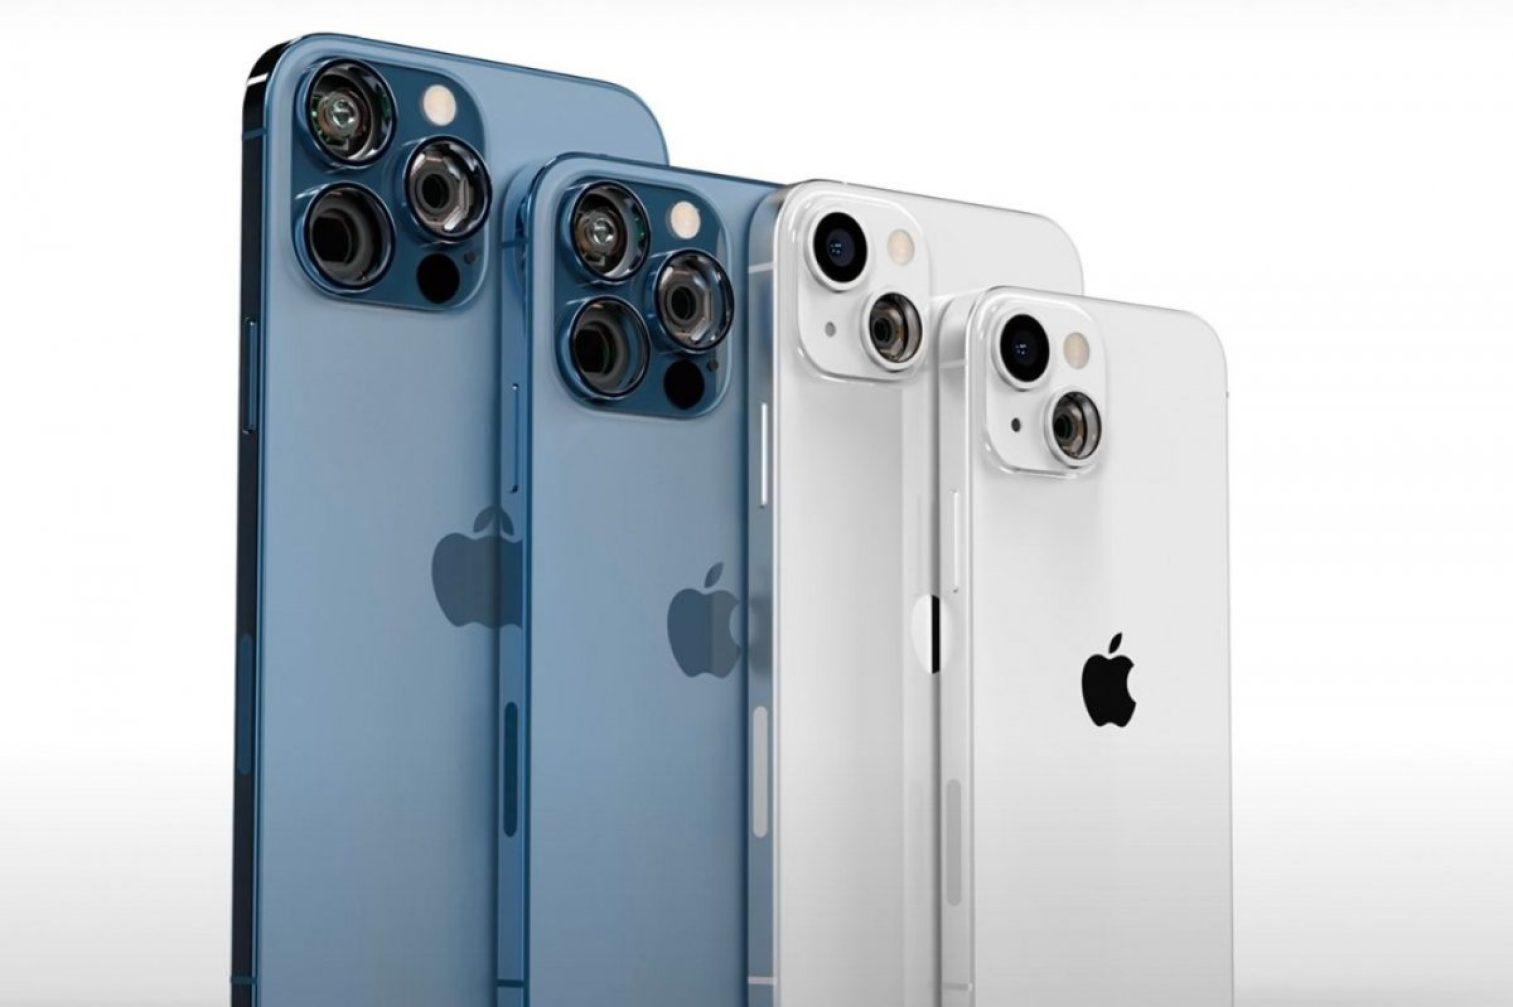 Iphone 13 Renders 5